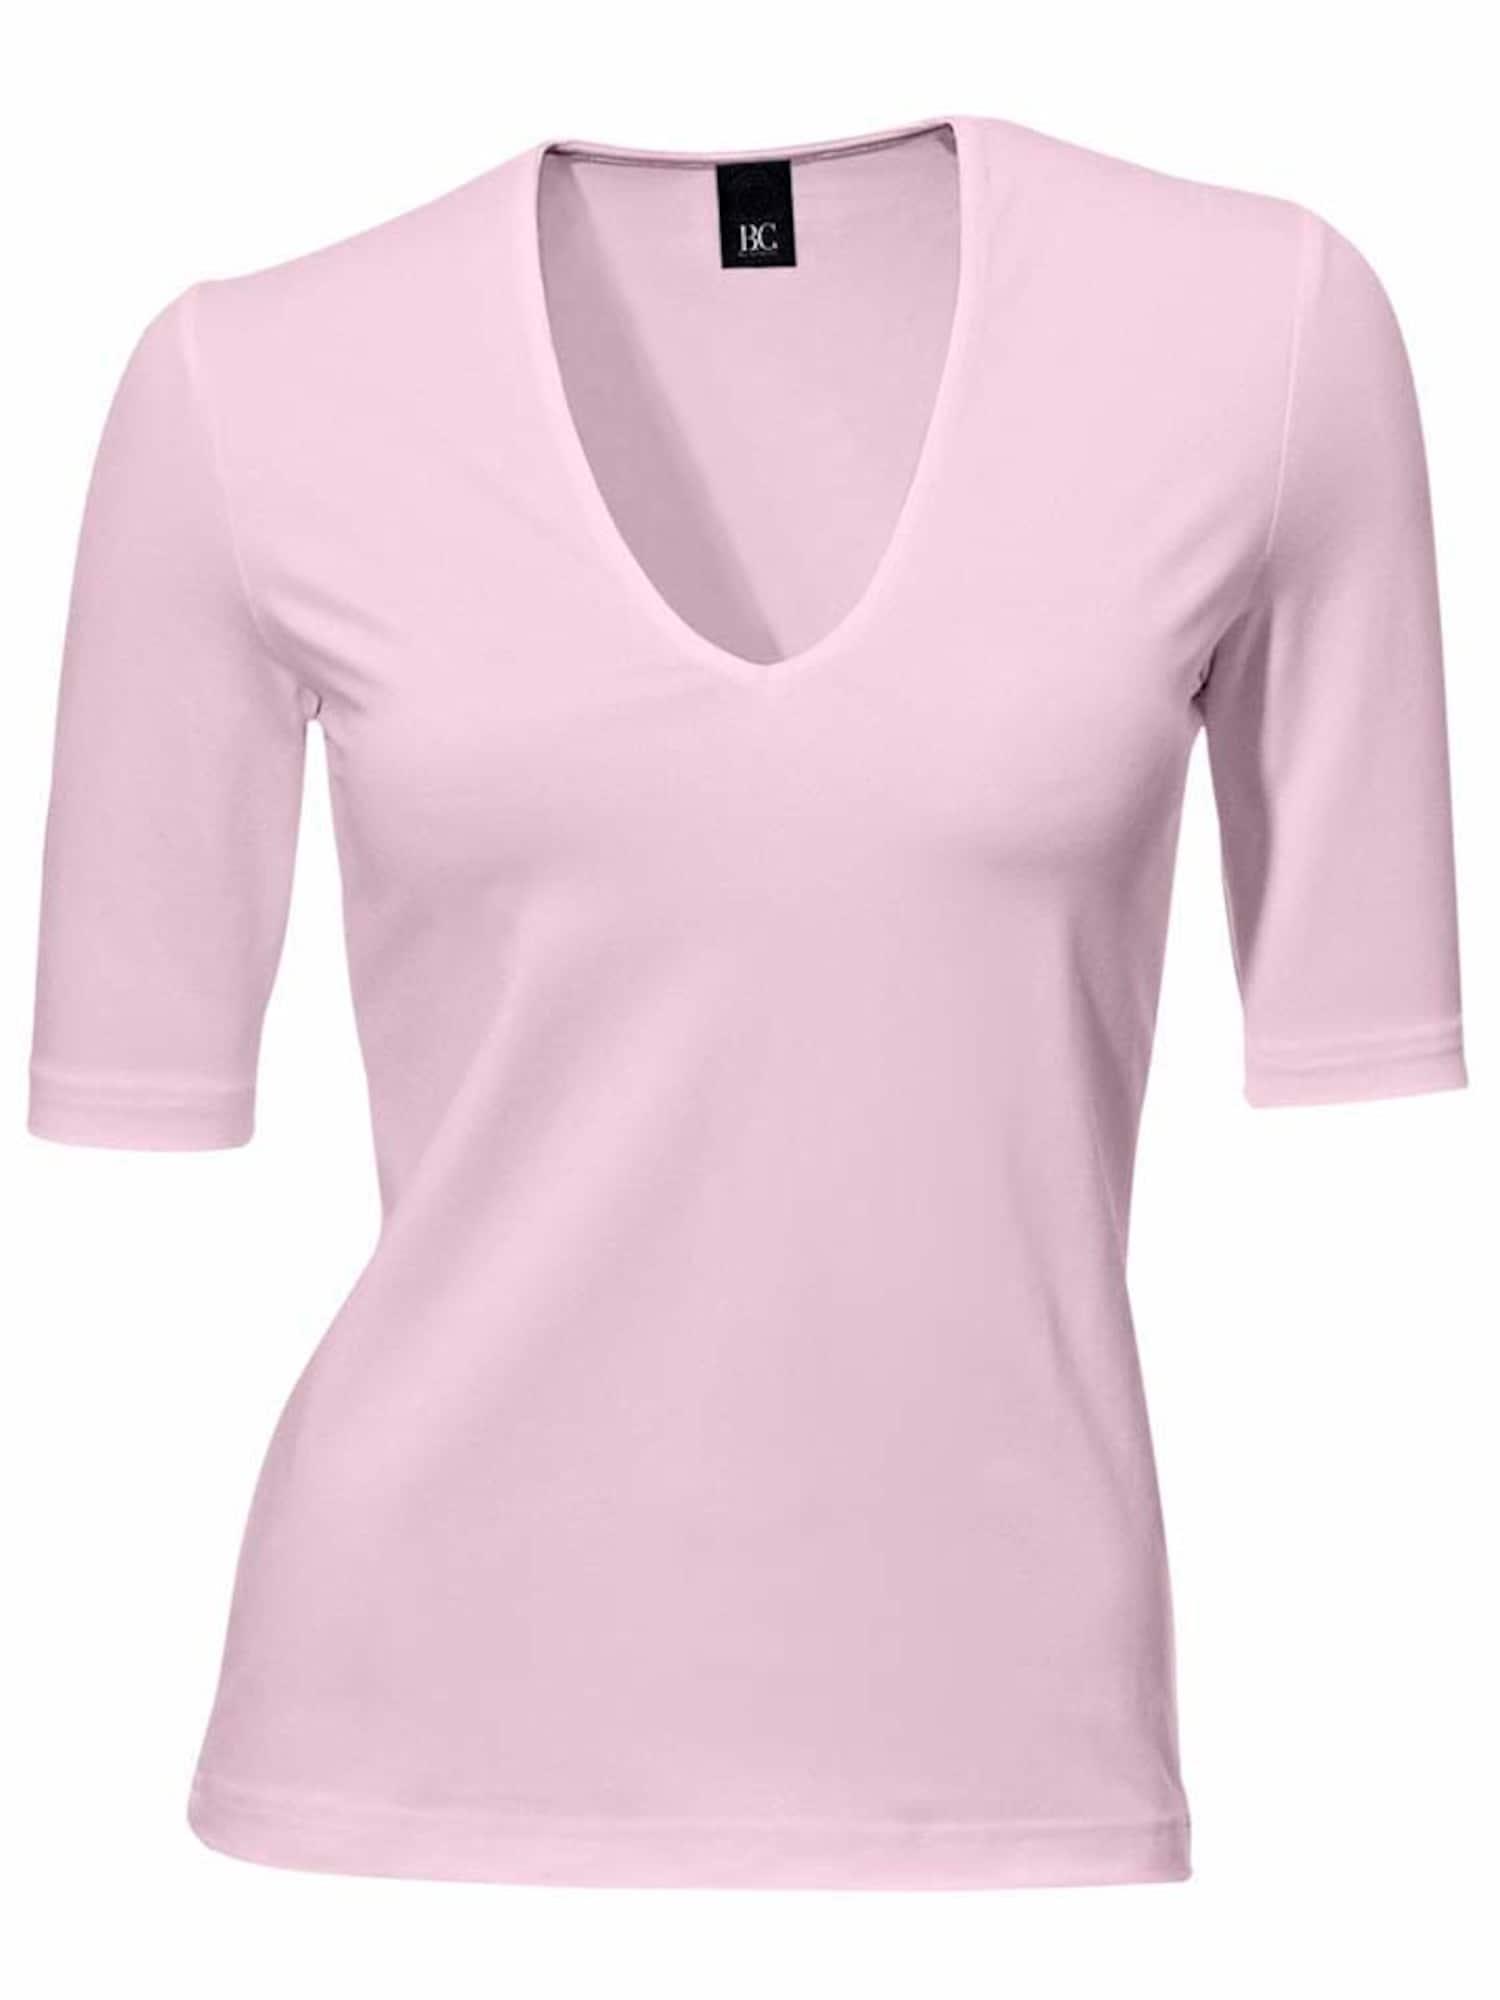 Ashley Brooke by heine Marškinėliai rožinė